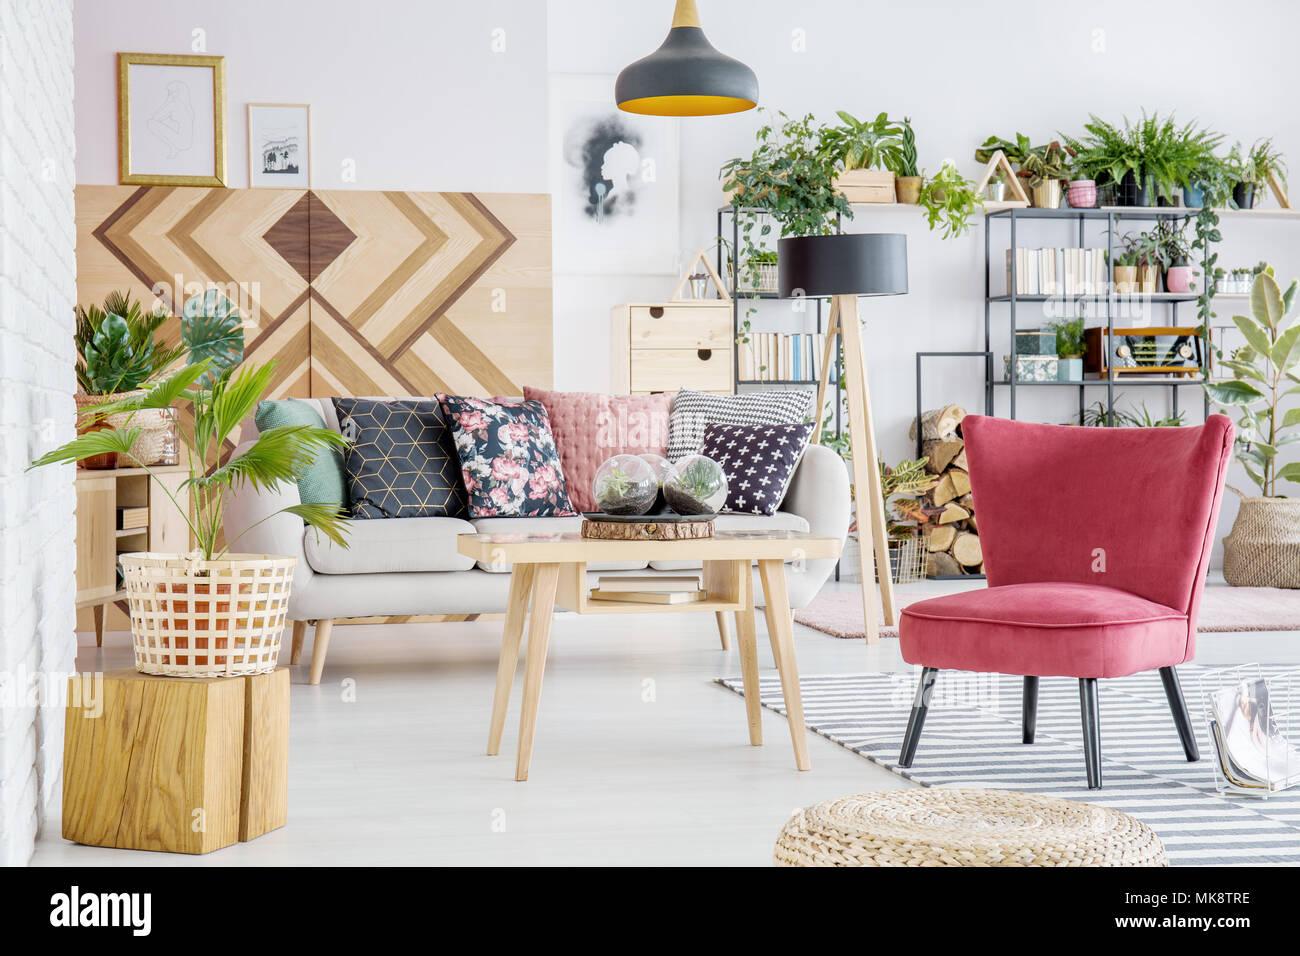 Farbenfrohe Wohnzimmer Einrichtung Mit Pflanzen, Weiß Sofa Mit Kissen Und  Roten Sessel